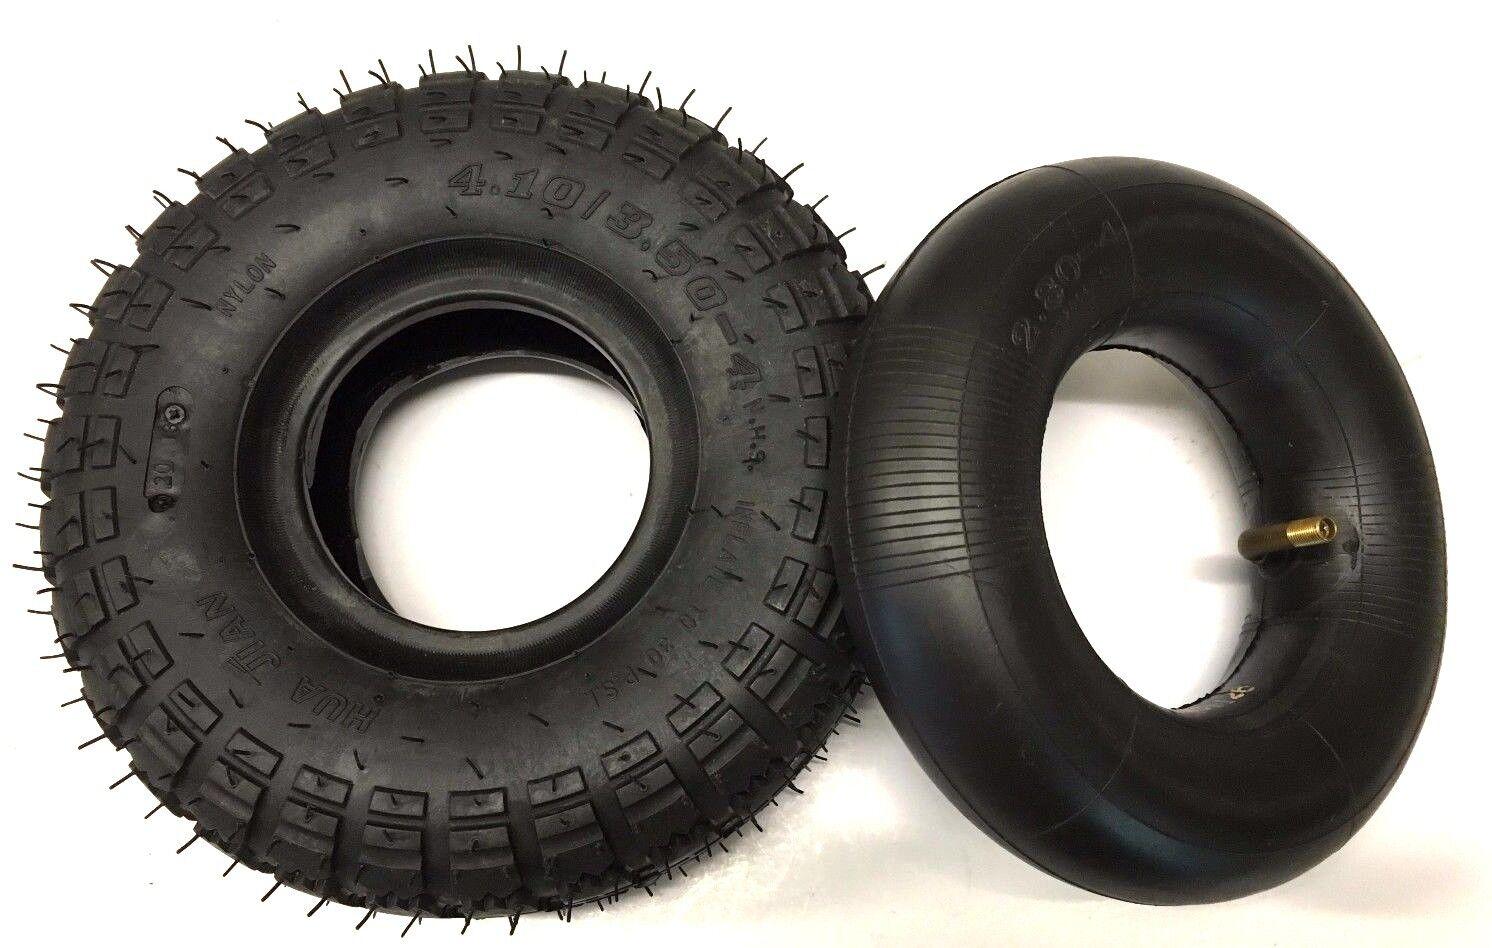 Tubo interno del neumático y Set 4.10 3.5-4 curva válvula vástago silla de movilidad